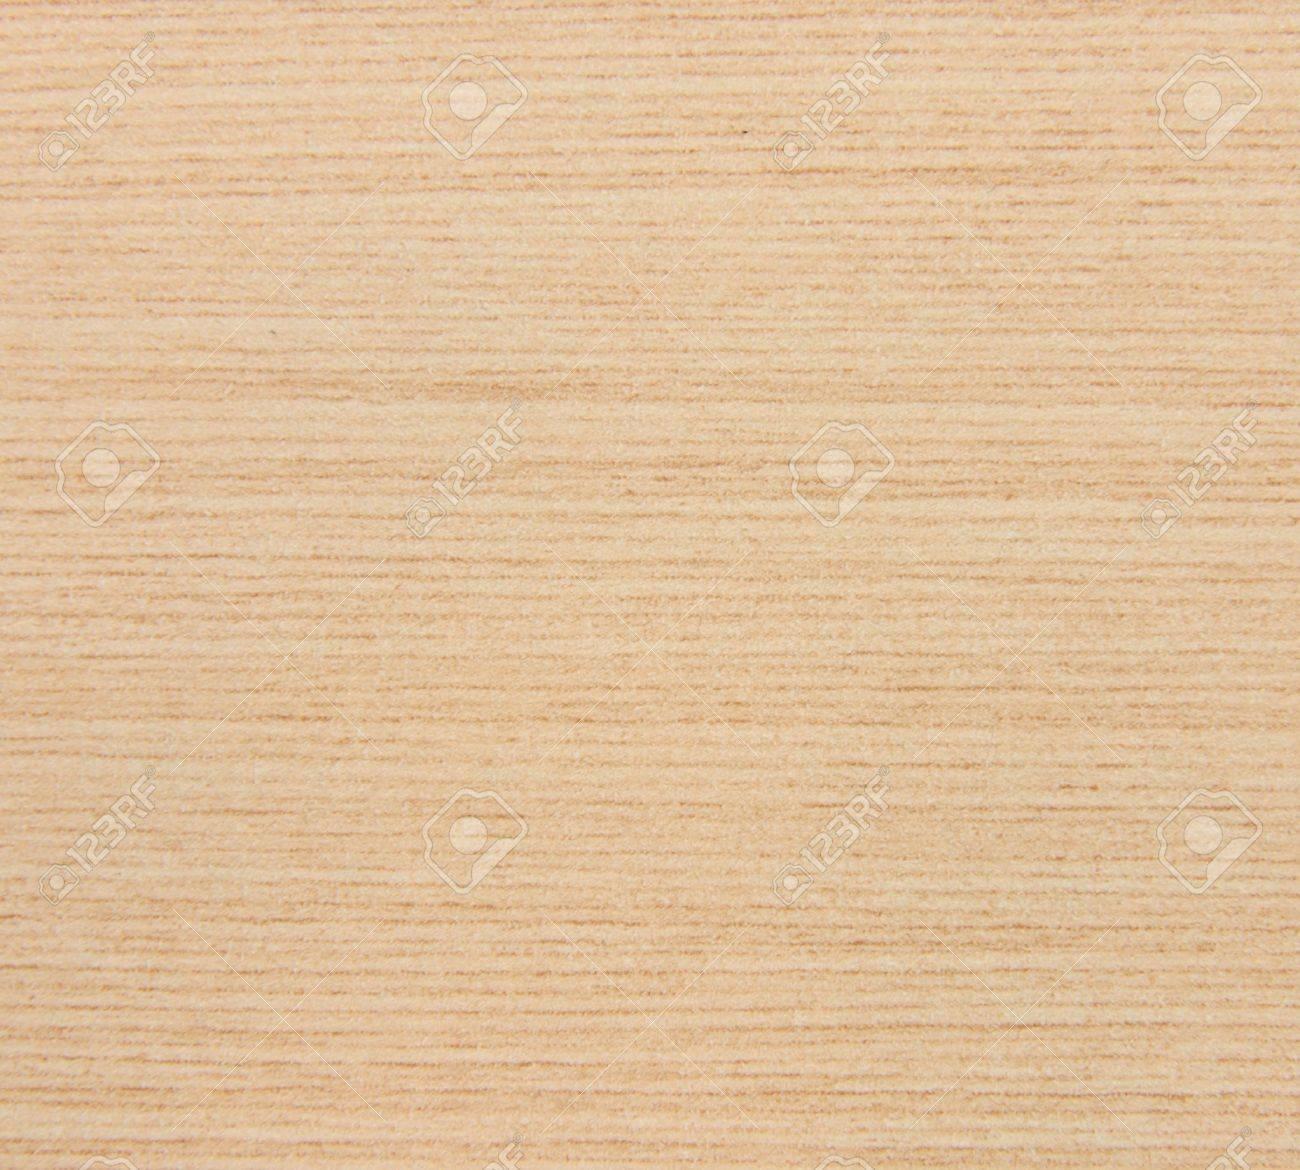 Photo Nahaufnahme Von Kunststoff Laminat Textur Und Farbe Finline  Nahaufnahme Von Kunststoff Laminat Textur Und With Laminat Kunststoff